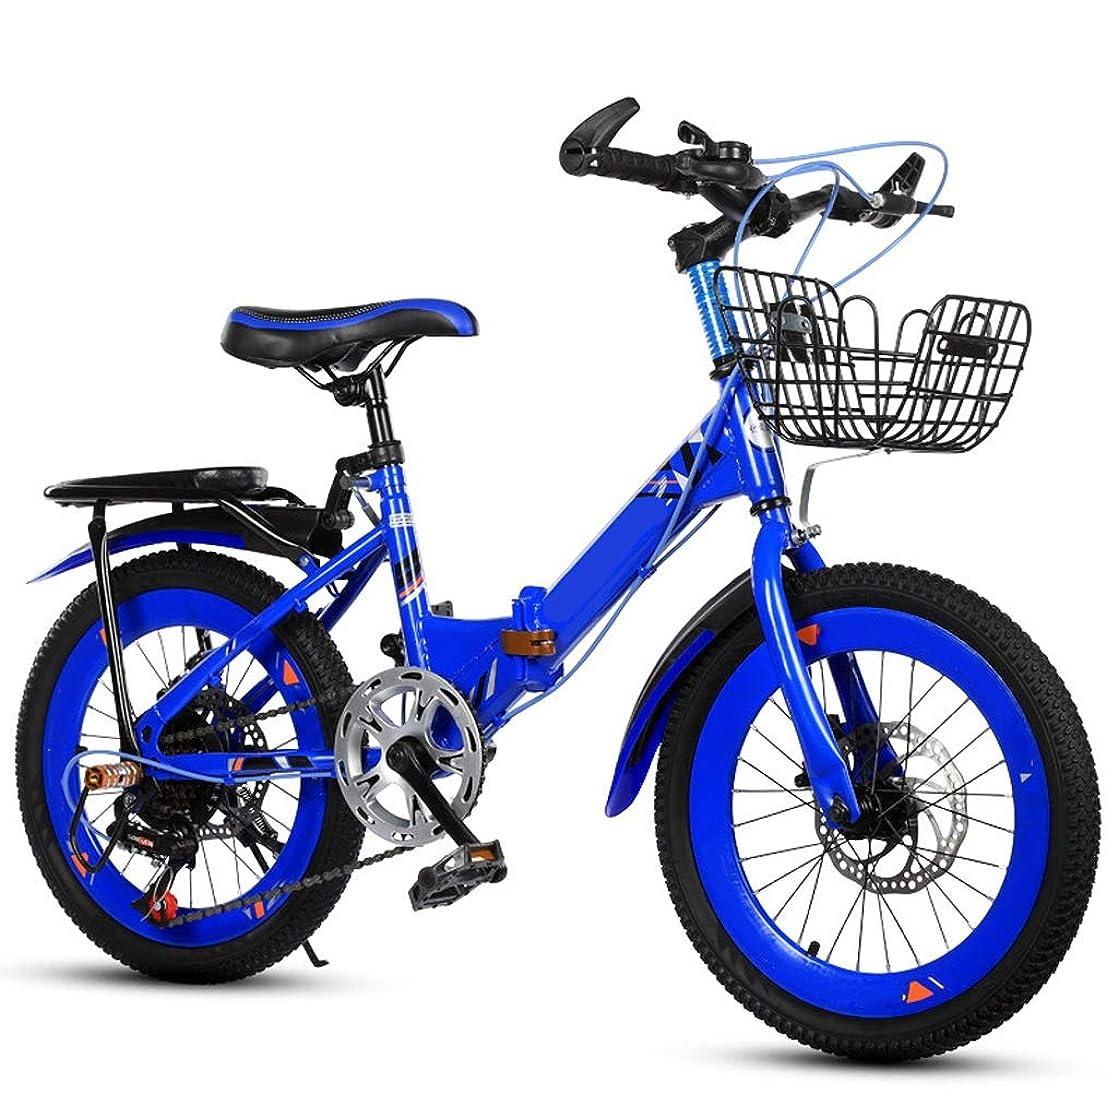 暖かく分析賢い折りたたみ自転車 子供自転車 ロードバイク 自転車 タイヤマウンテンバイク、ダートバイクマウンテン折りたたみ自転車、6速、キッズ、ジュニア、小型ポータブルバイク自転車成人学生アウトドア用キッズスポーツマウンテンバイクを広げます (Color :...